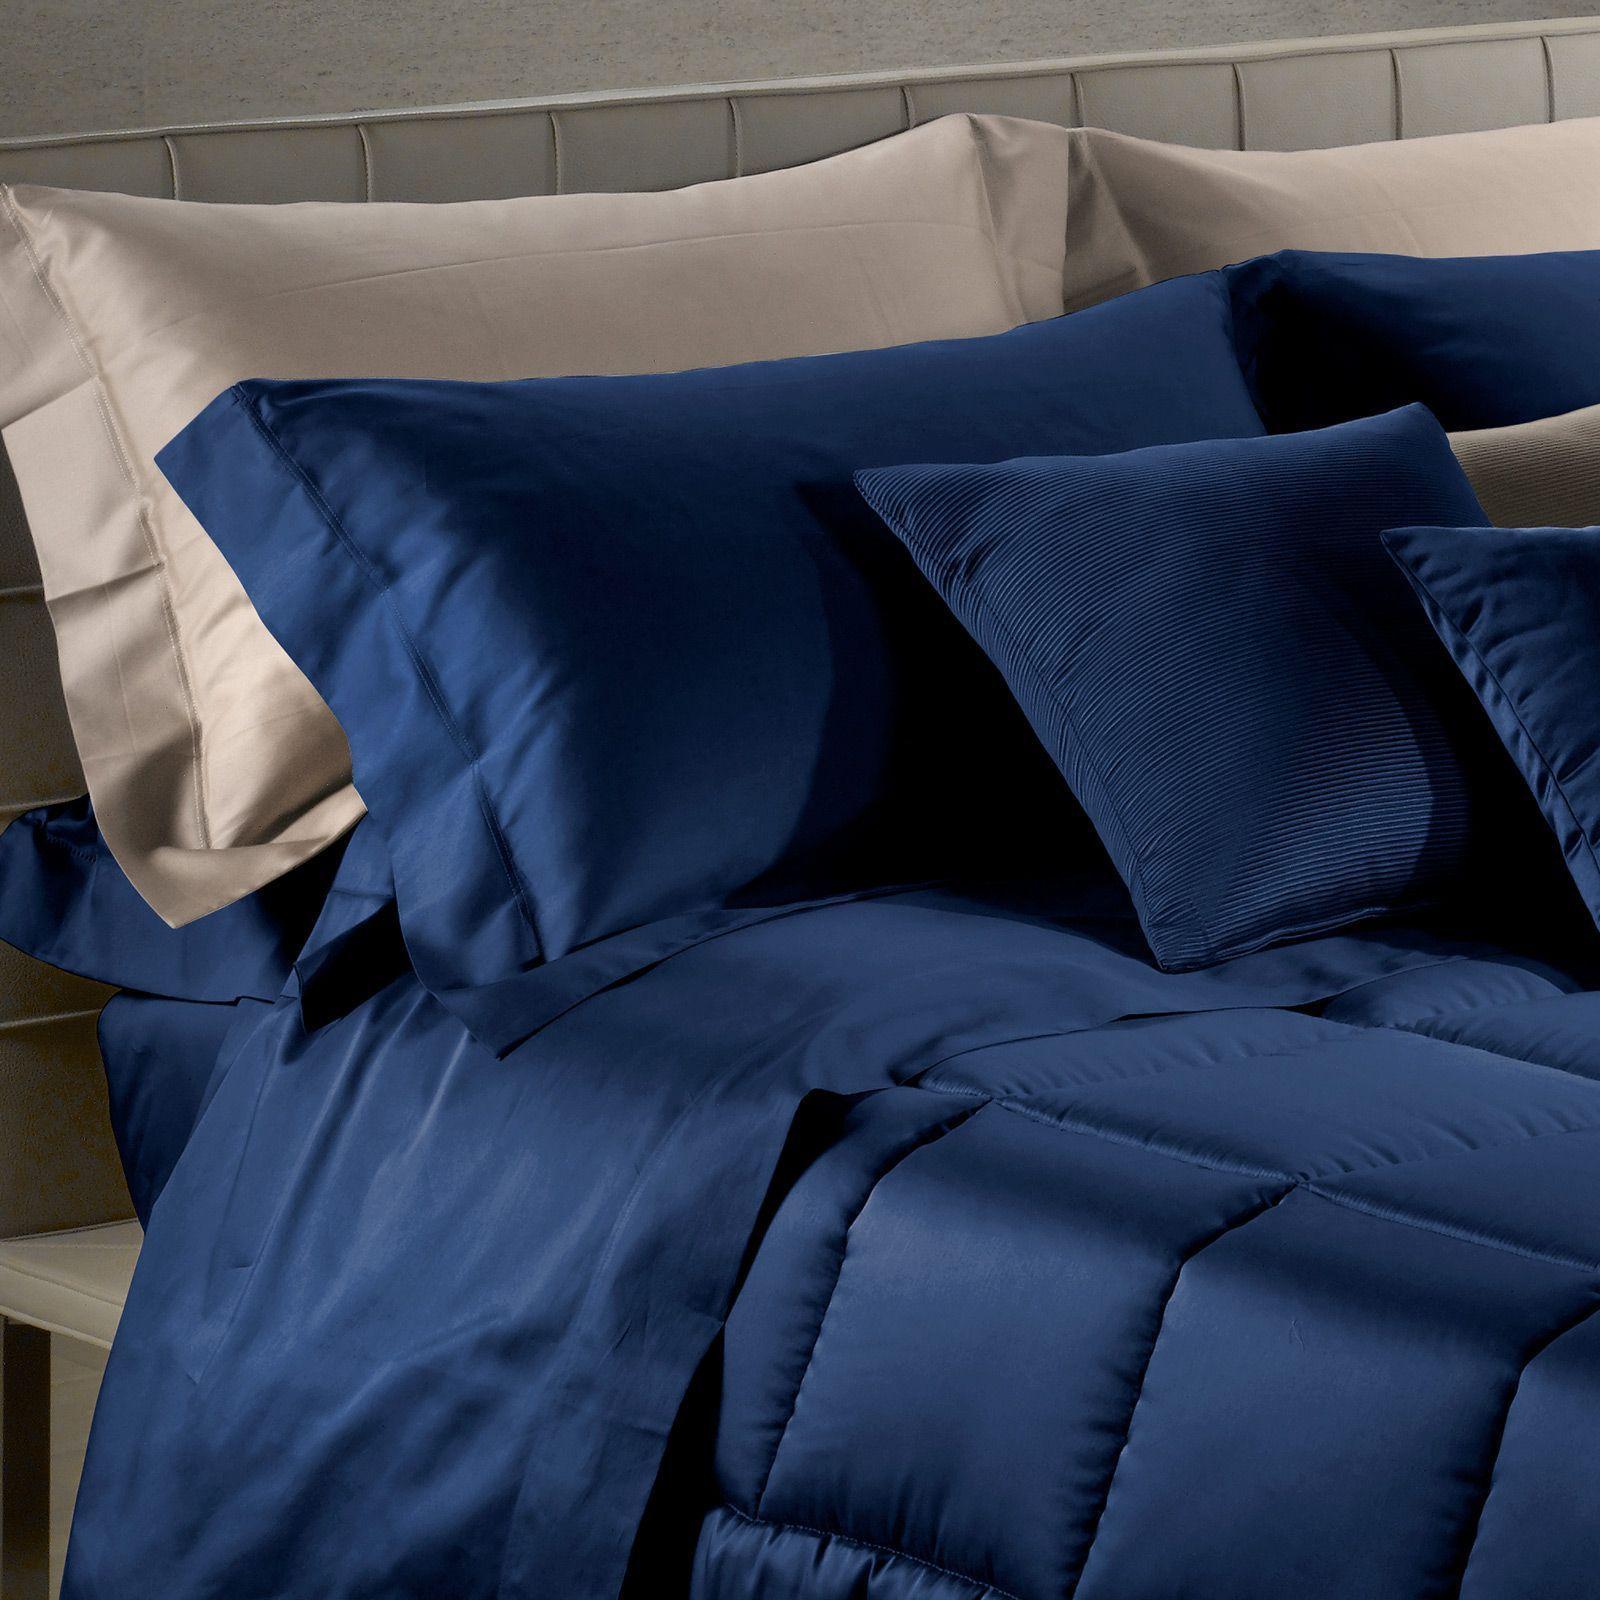 Для сна Наволочки 2шт 70x70 Caleffi Raso Tinta Unito темно-синие komplekt-navolochek-caleffi-raso-tinta-unito-temno-siniy-italiya.jpg